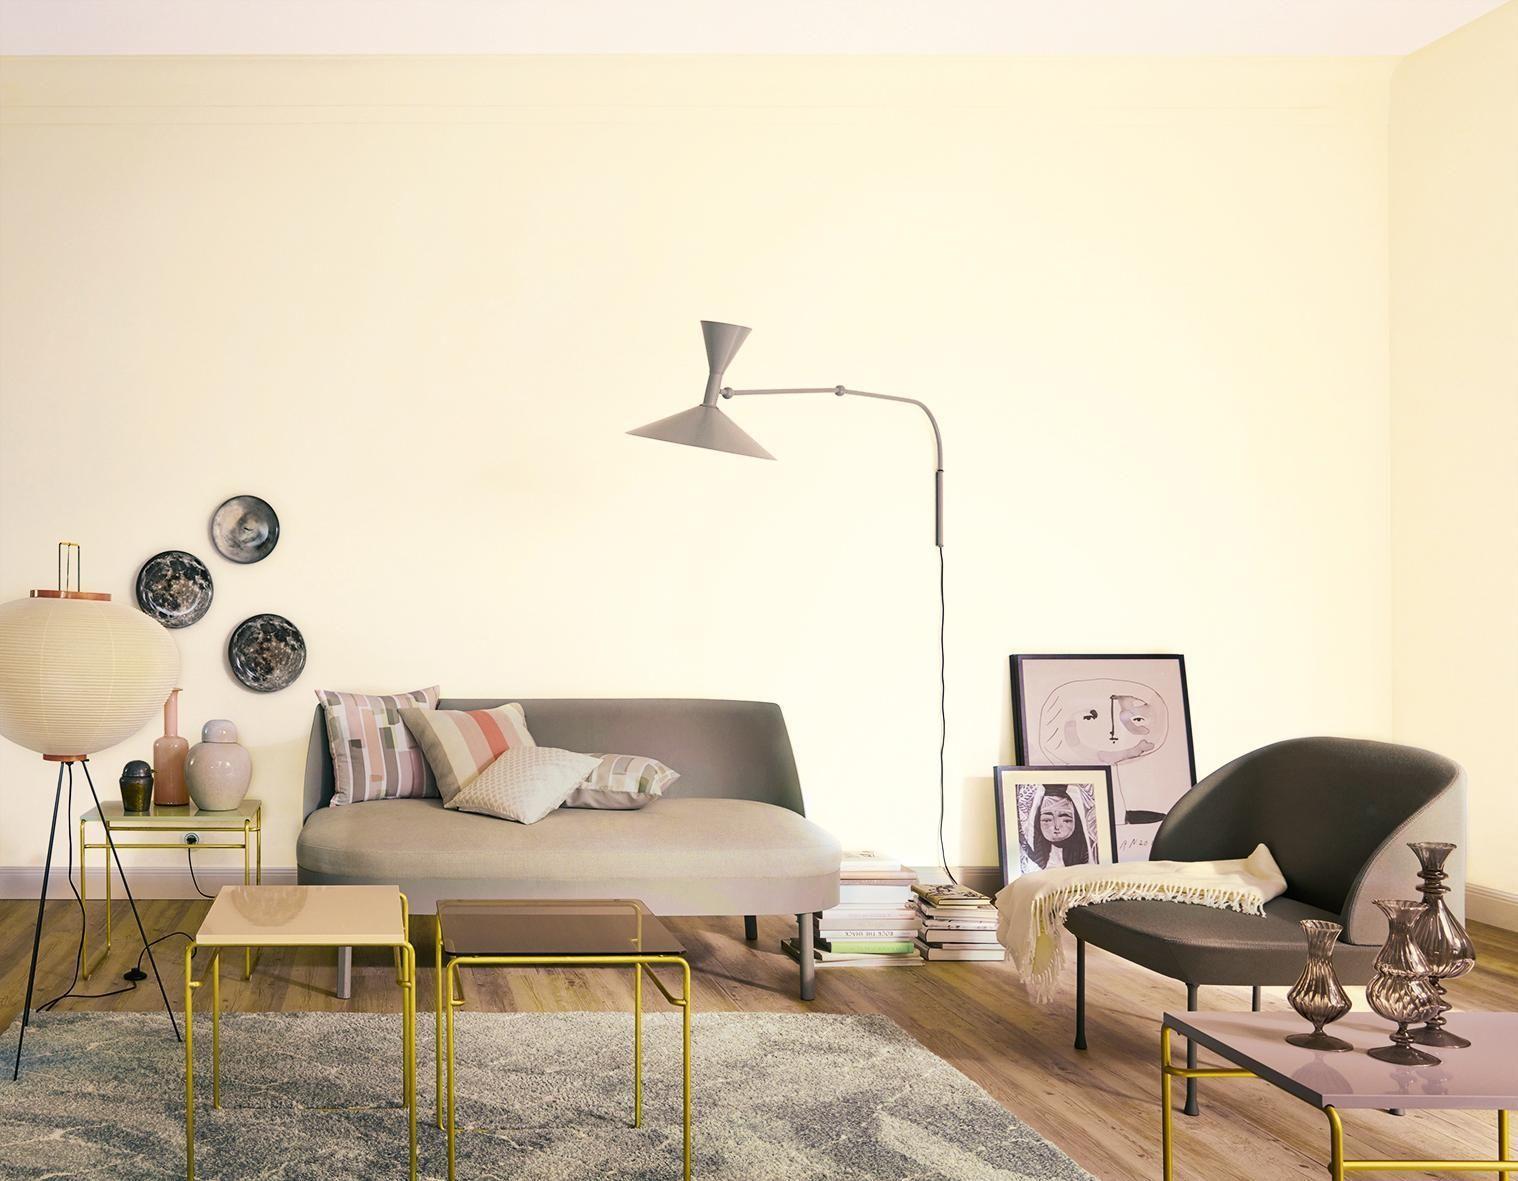 2 Likes Entdecke Das Bild Von Schonerwohnenfarbe Auf Couchstyle Zu Cashmere Schoner Wohnen Trendfarbe Schoner Wohnen Trendfarbe Schoner Wohnen Farbe Wohnen